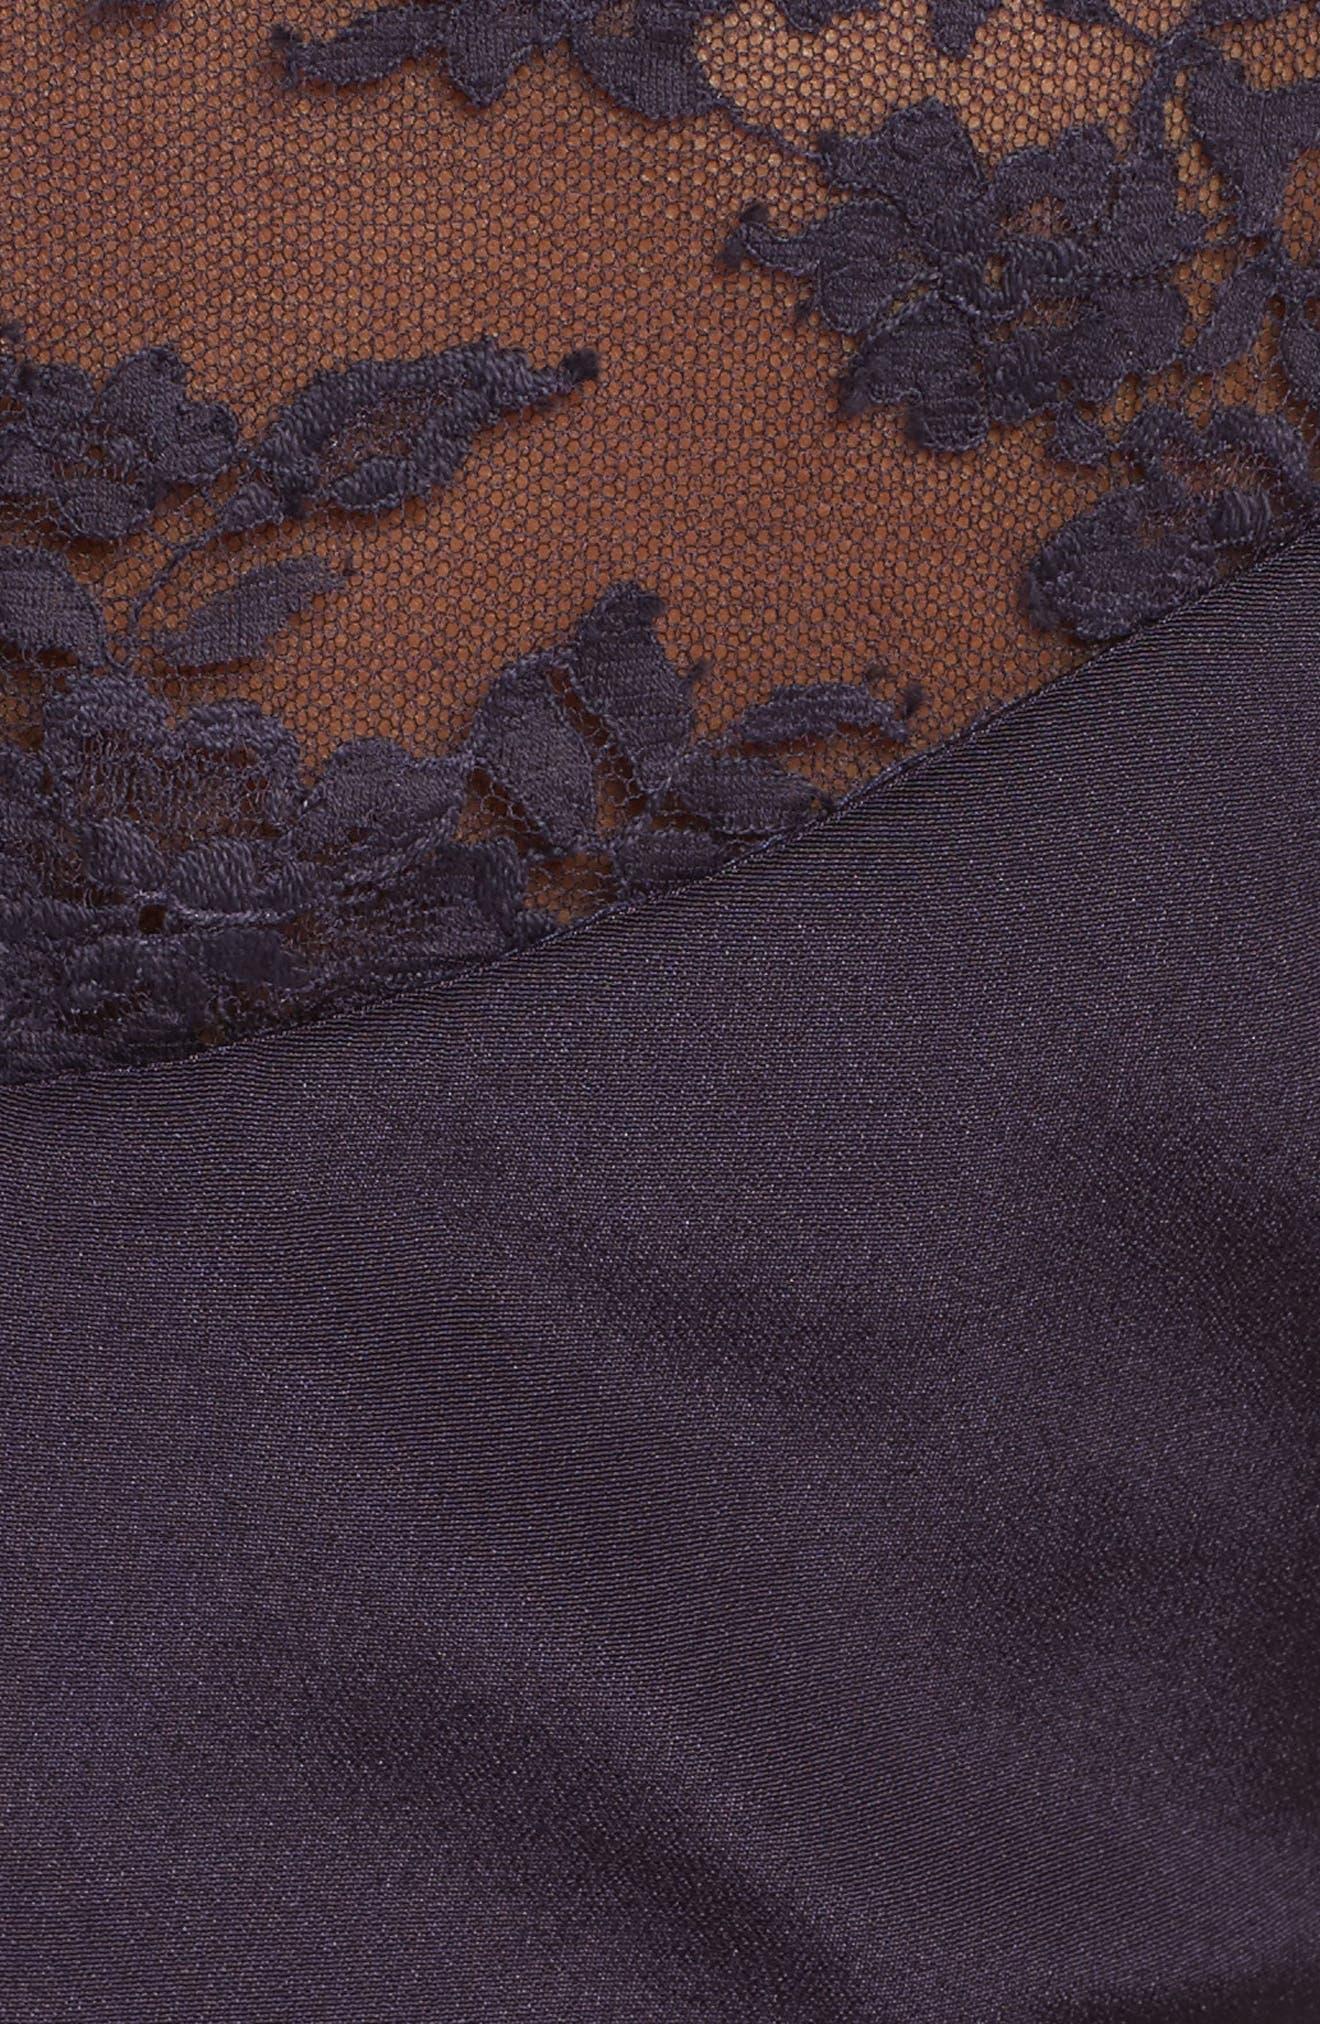 Lace & Velvet Trim Crepe Gown,                             Alternate thumbnail 6, color,                             Aubergine